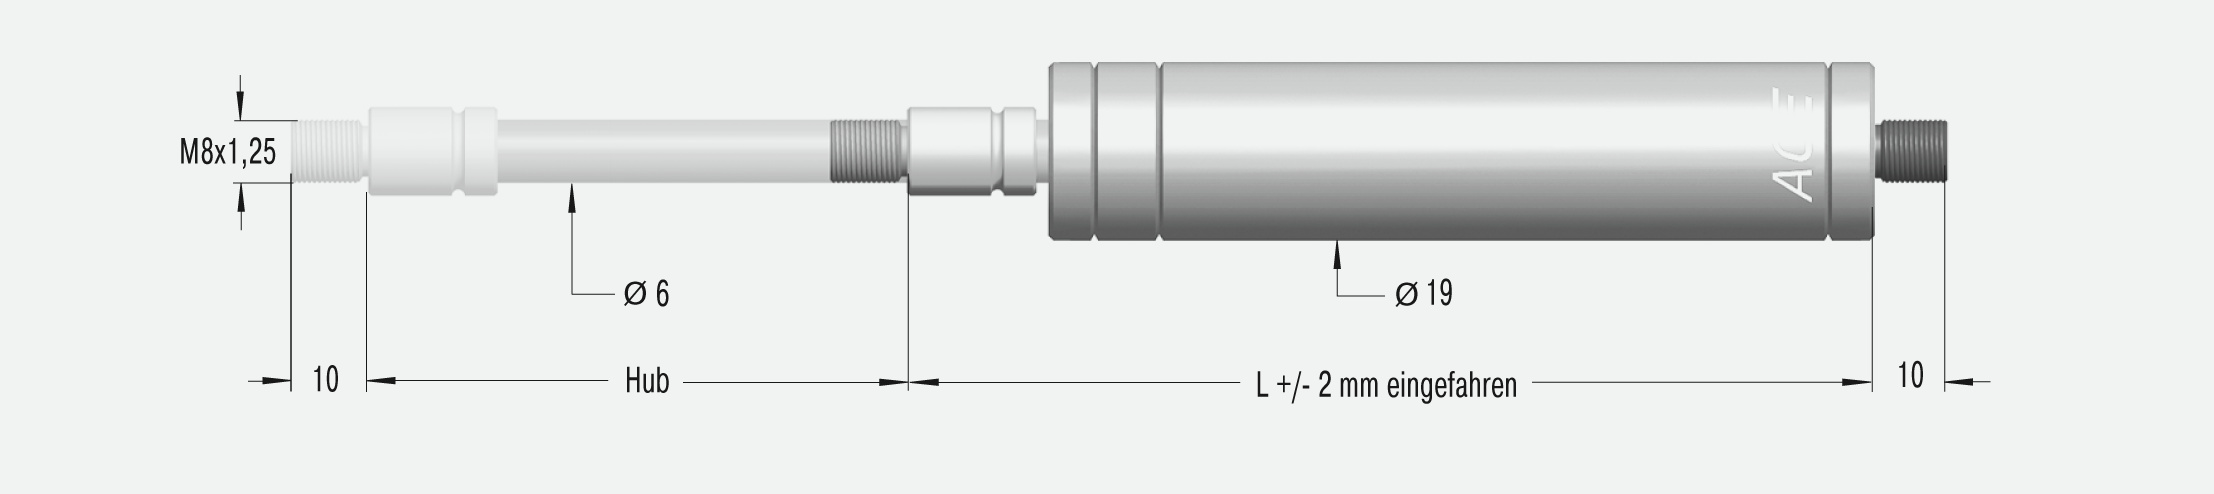 GZ-19-200-VA